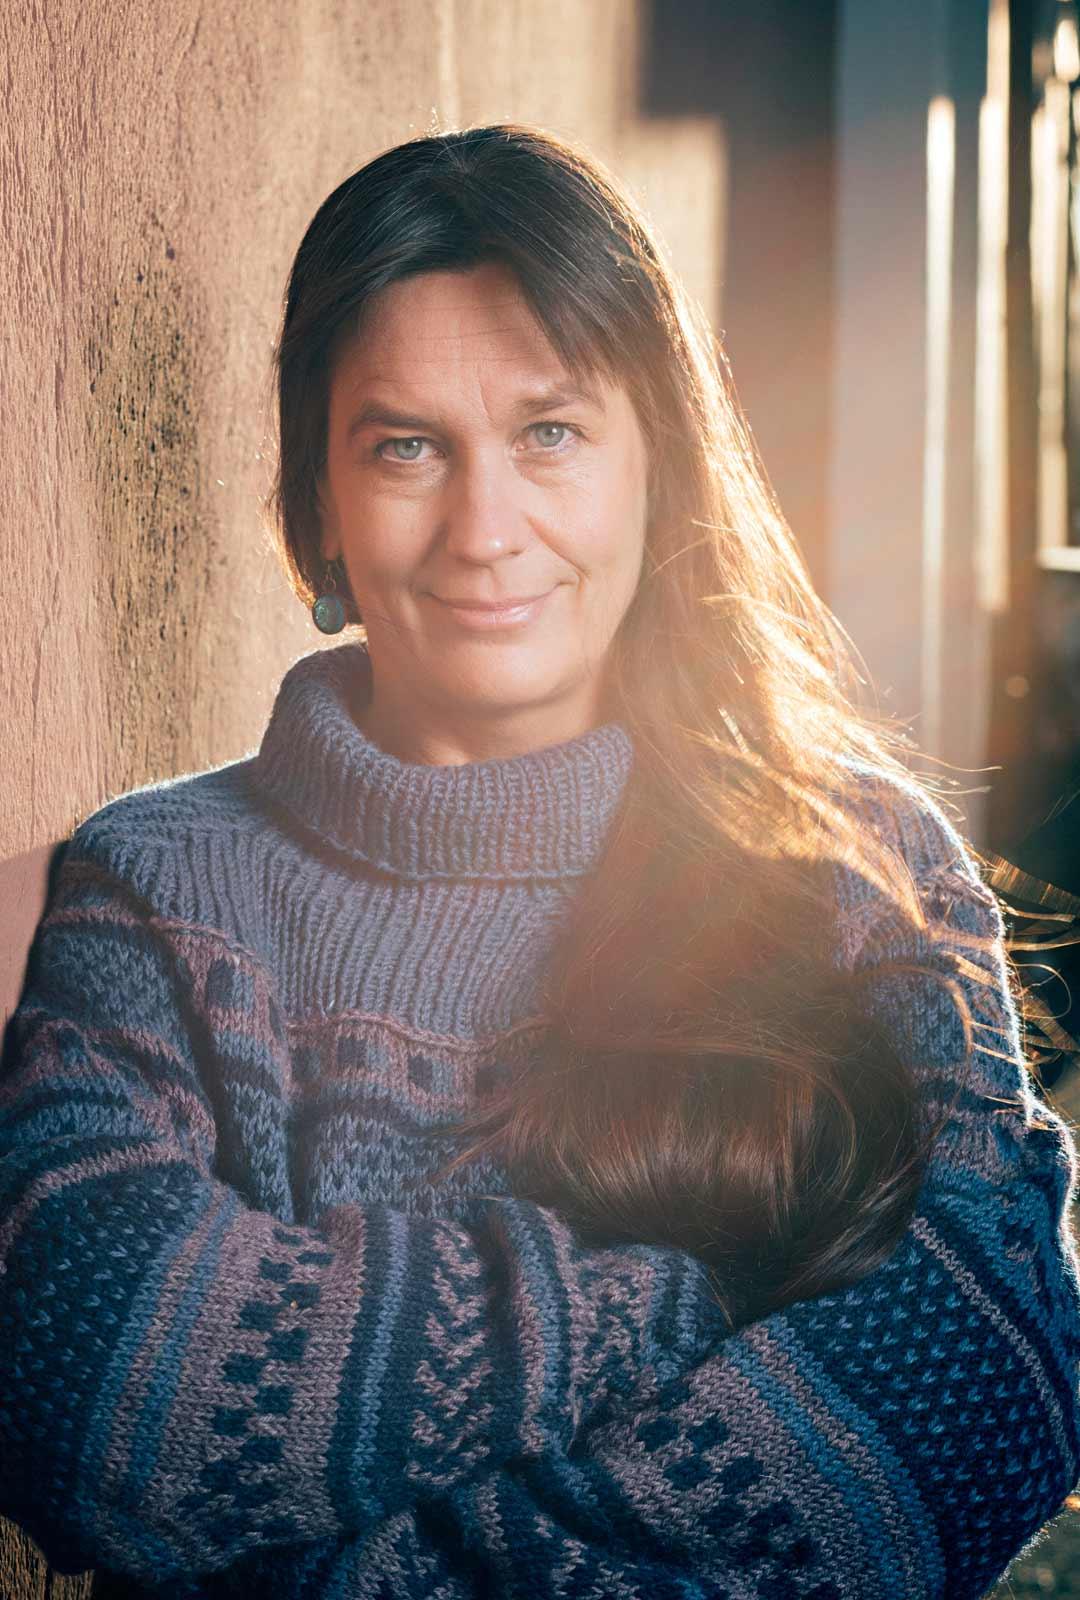 """""""Kirjoittaminen on ihanaa. Kirjoittajan identiteettini on vahva, ja luen paljon enemmän kuin katson elokuvia"""", Saara Cantell kertoo."""